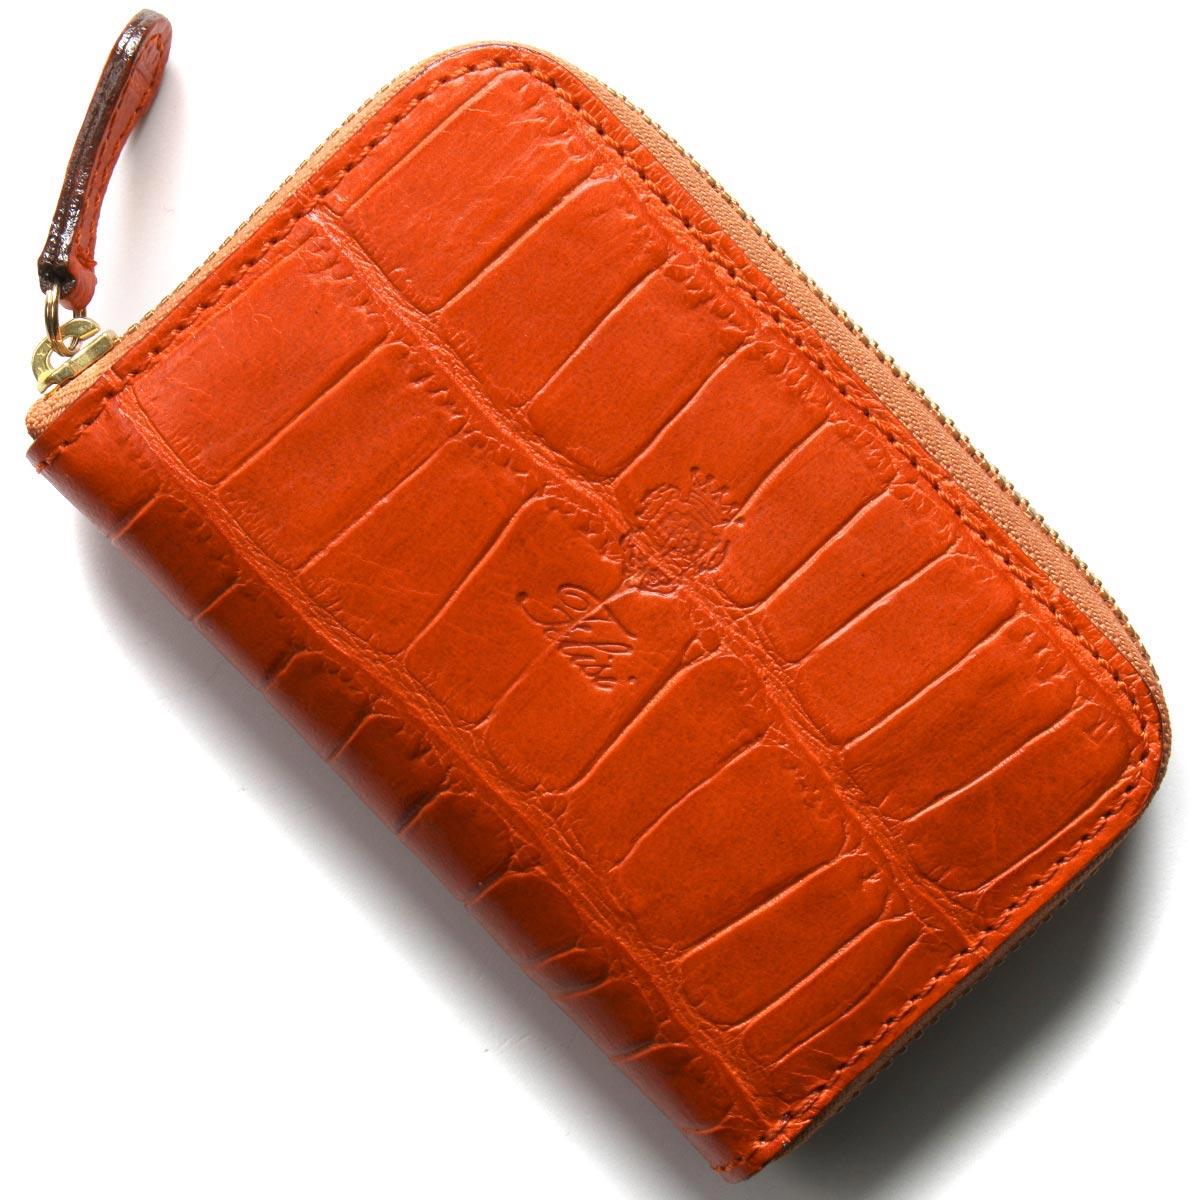 フェリージ コインケース【小銭入れ】 財布 メンズ クロコ型押し アランチョオレンジ 905 SA 0009 FELISI